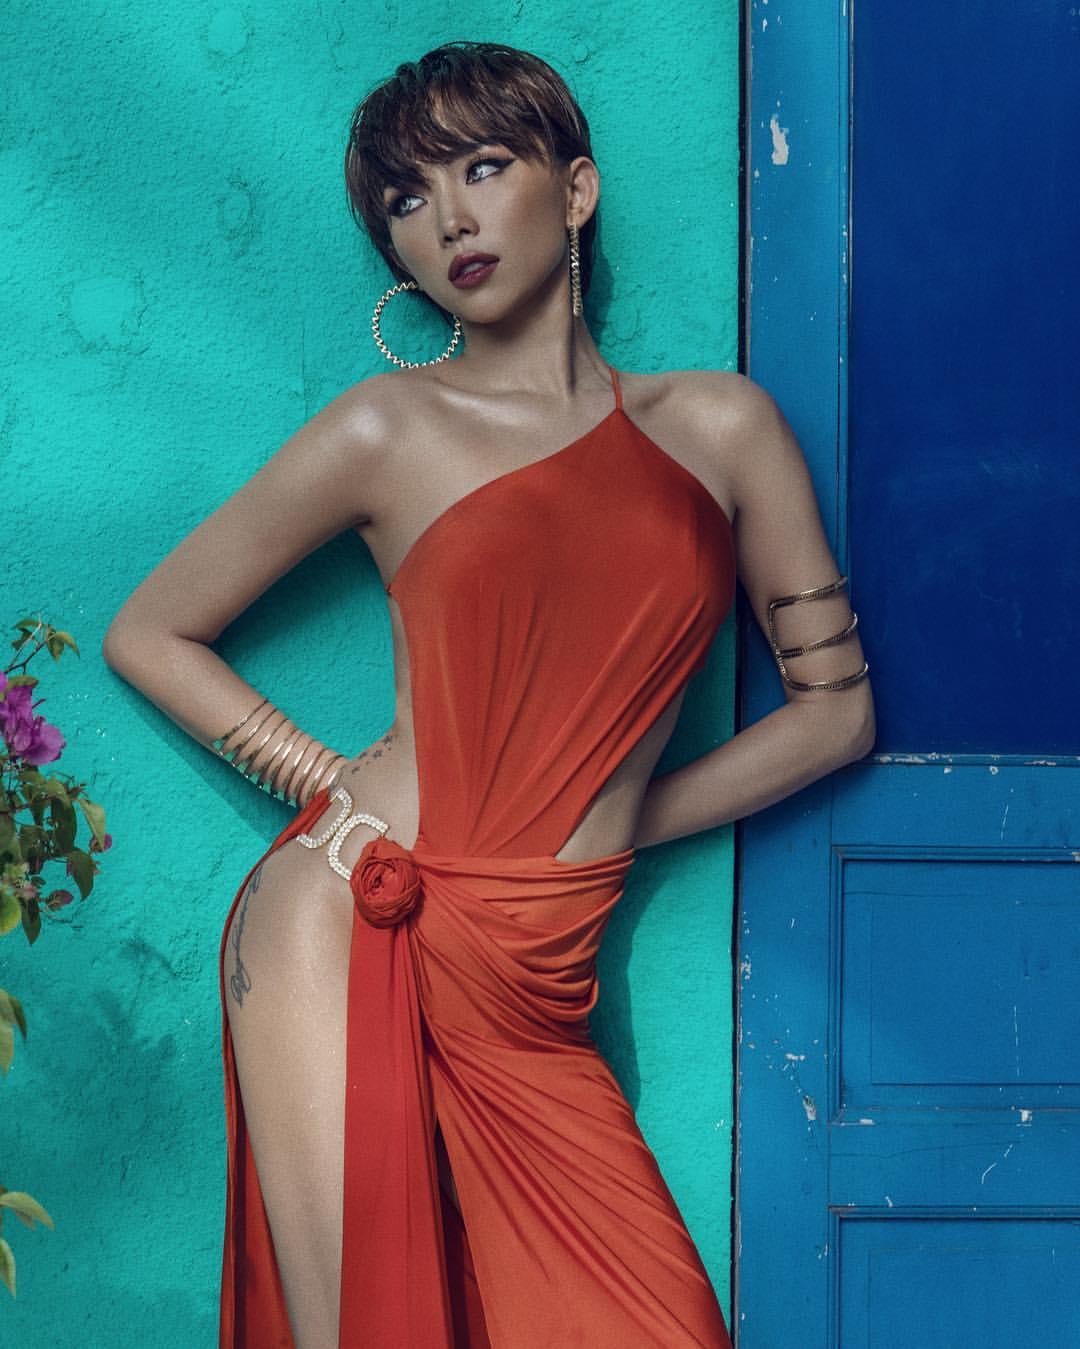 Tóc Tiên đón đầu nhiều xu hướng thời trang hiểm hóc nhất 2019 - 8